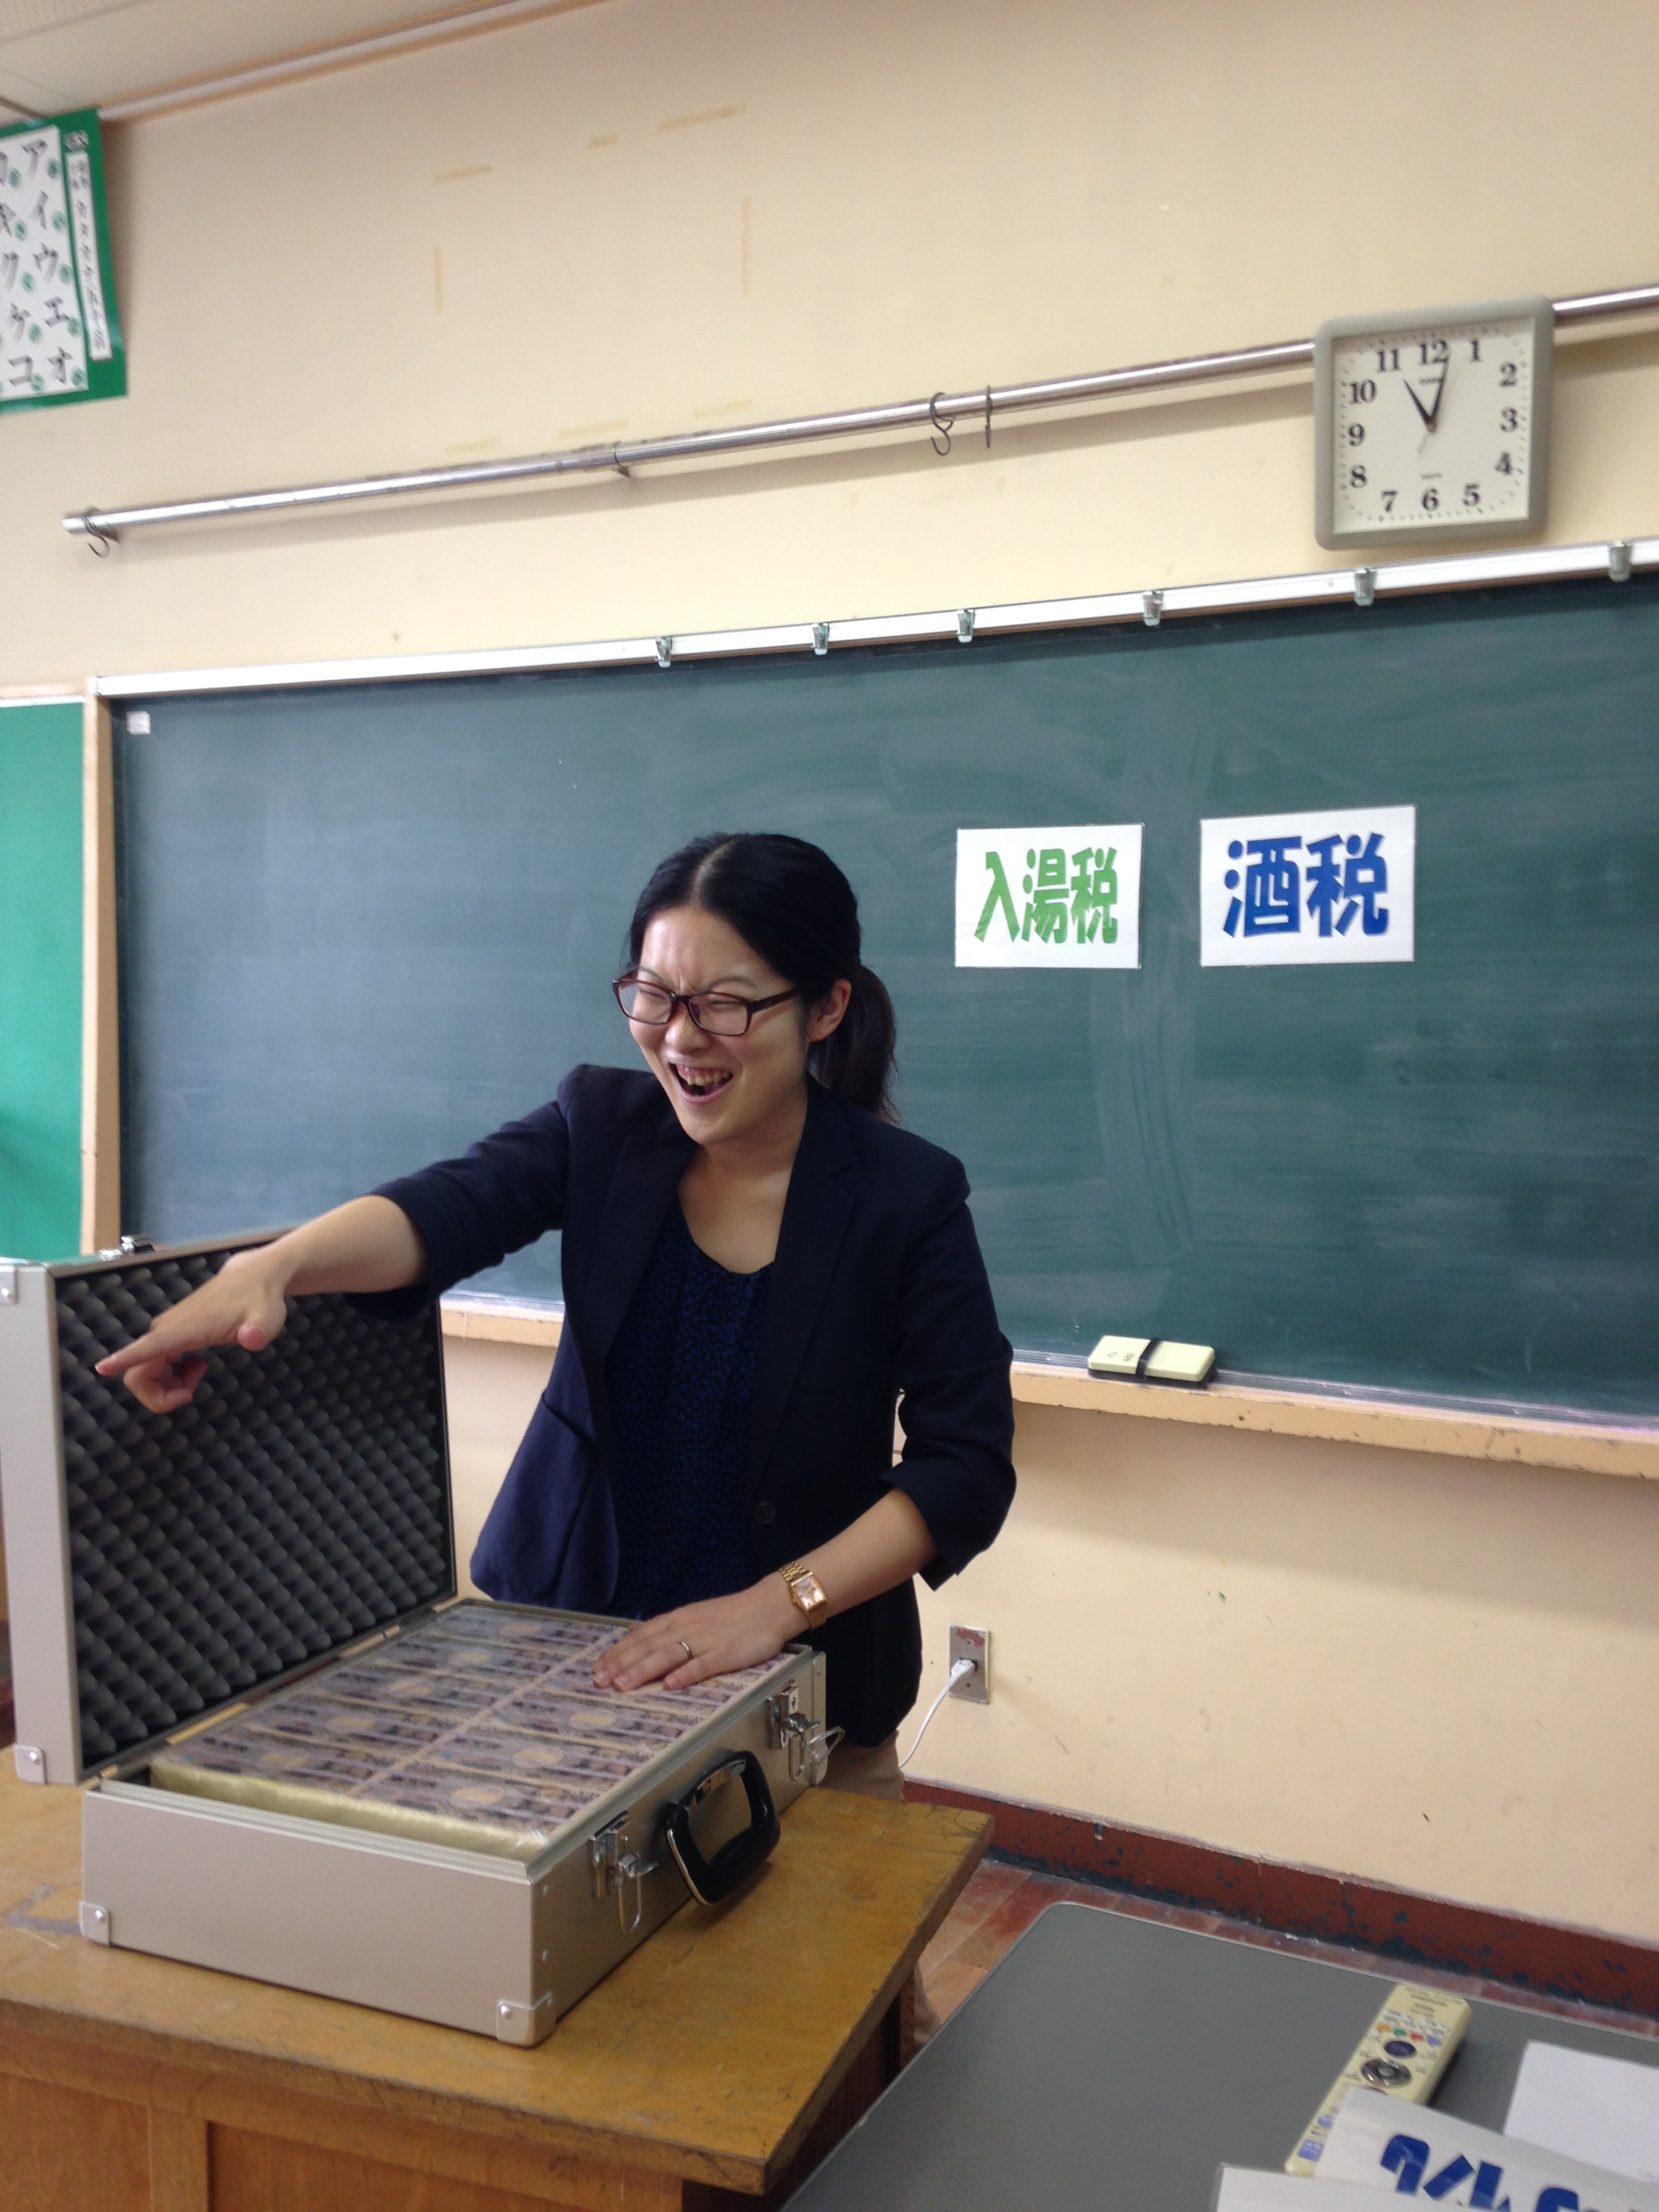 足立区の小学校で租税教室の先生をやらせていただきました!